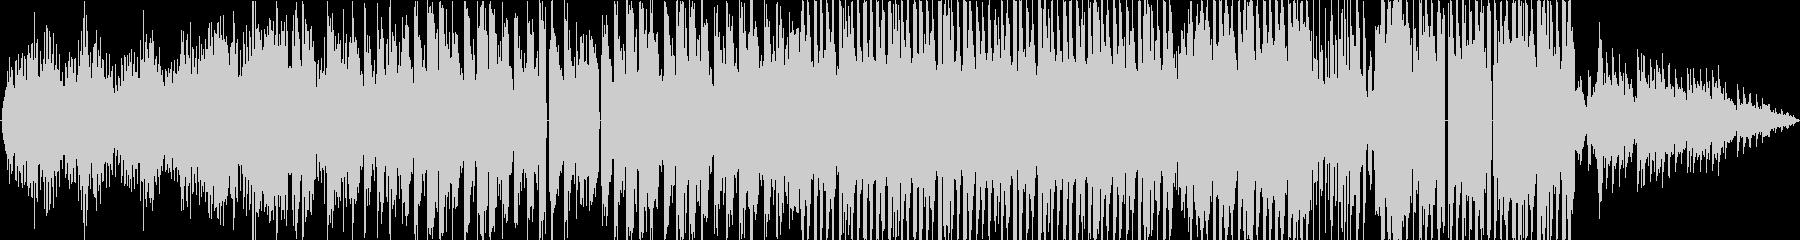 可愛い雰囲気のピアノBGMの未再生の波形